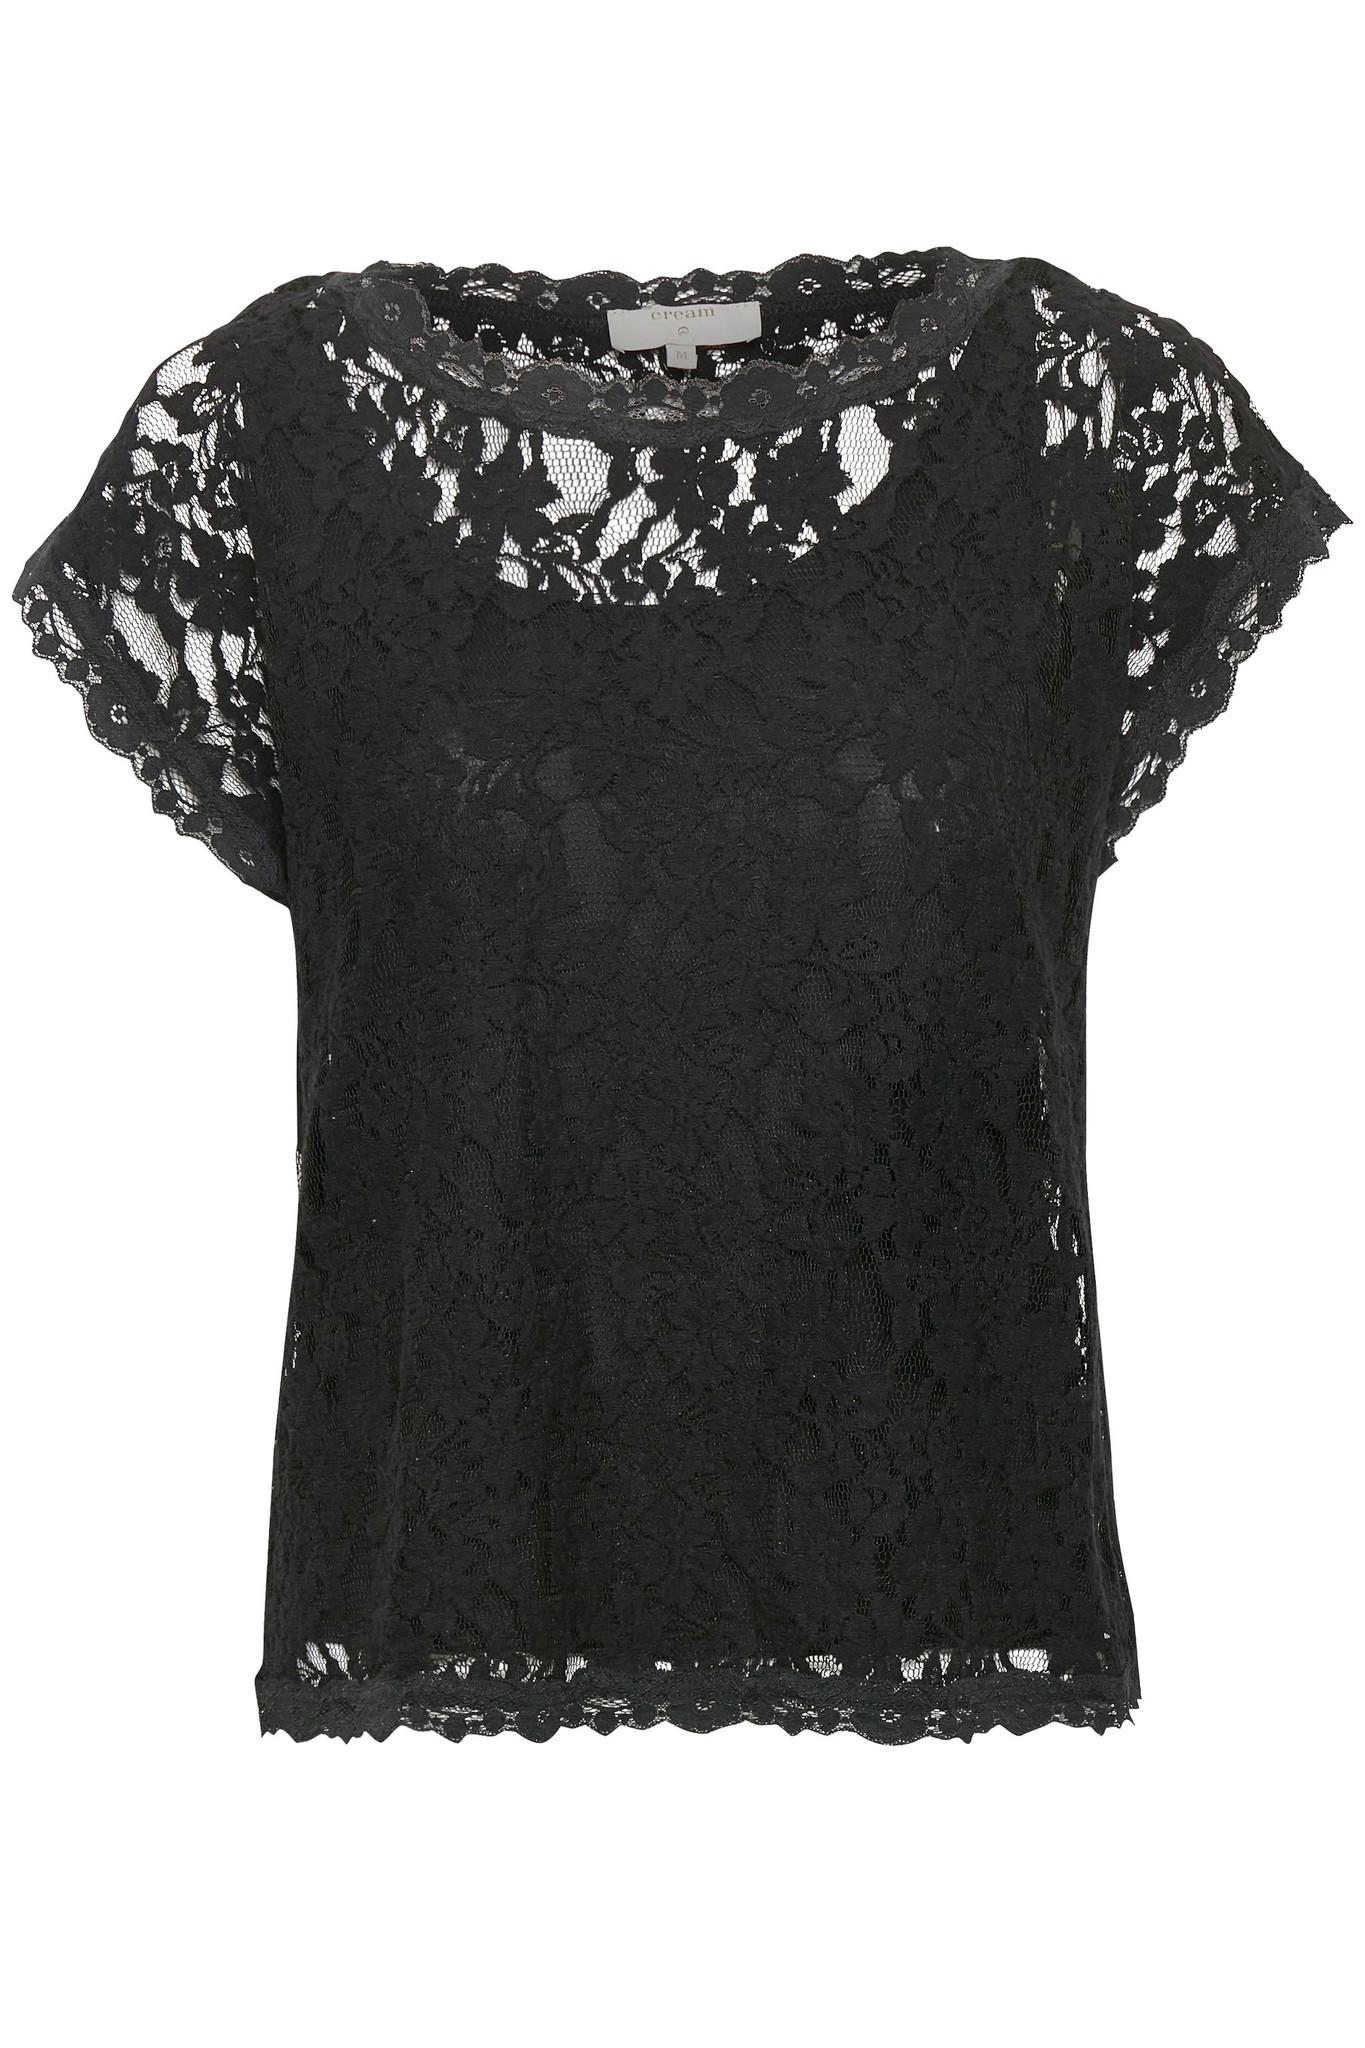 Top Vivi lace blouse pitch black-1